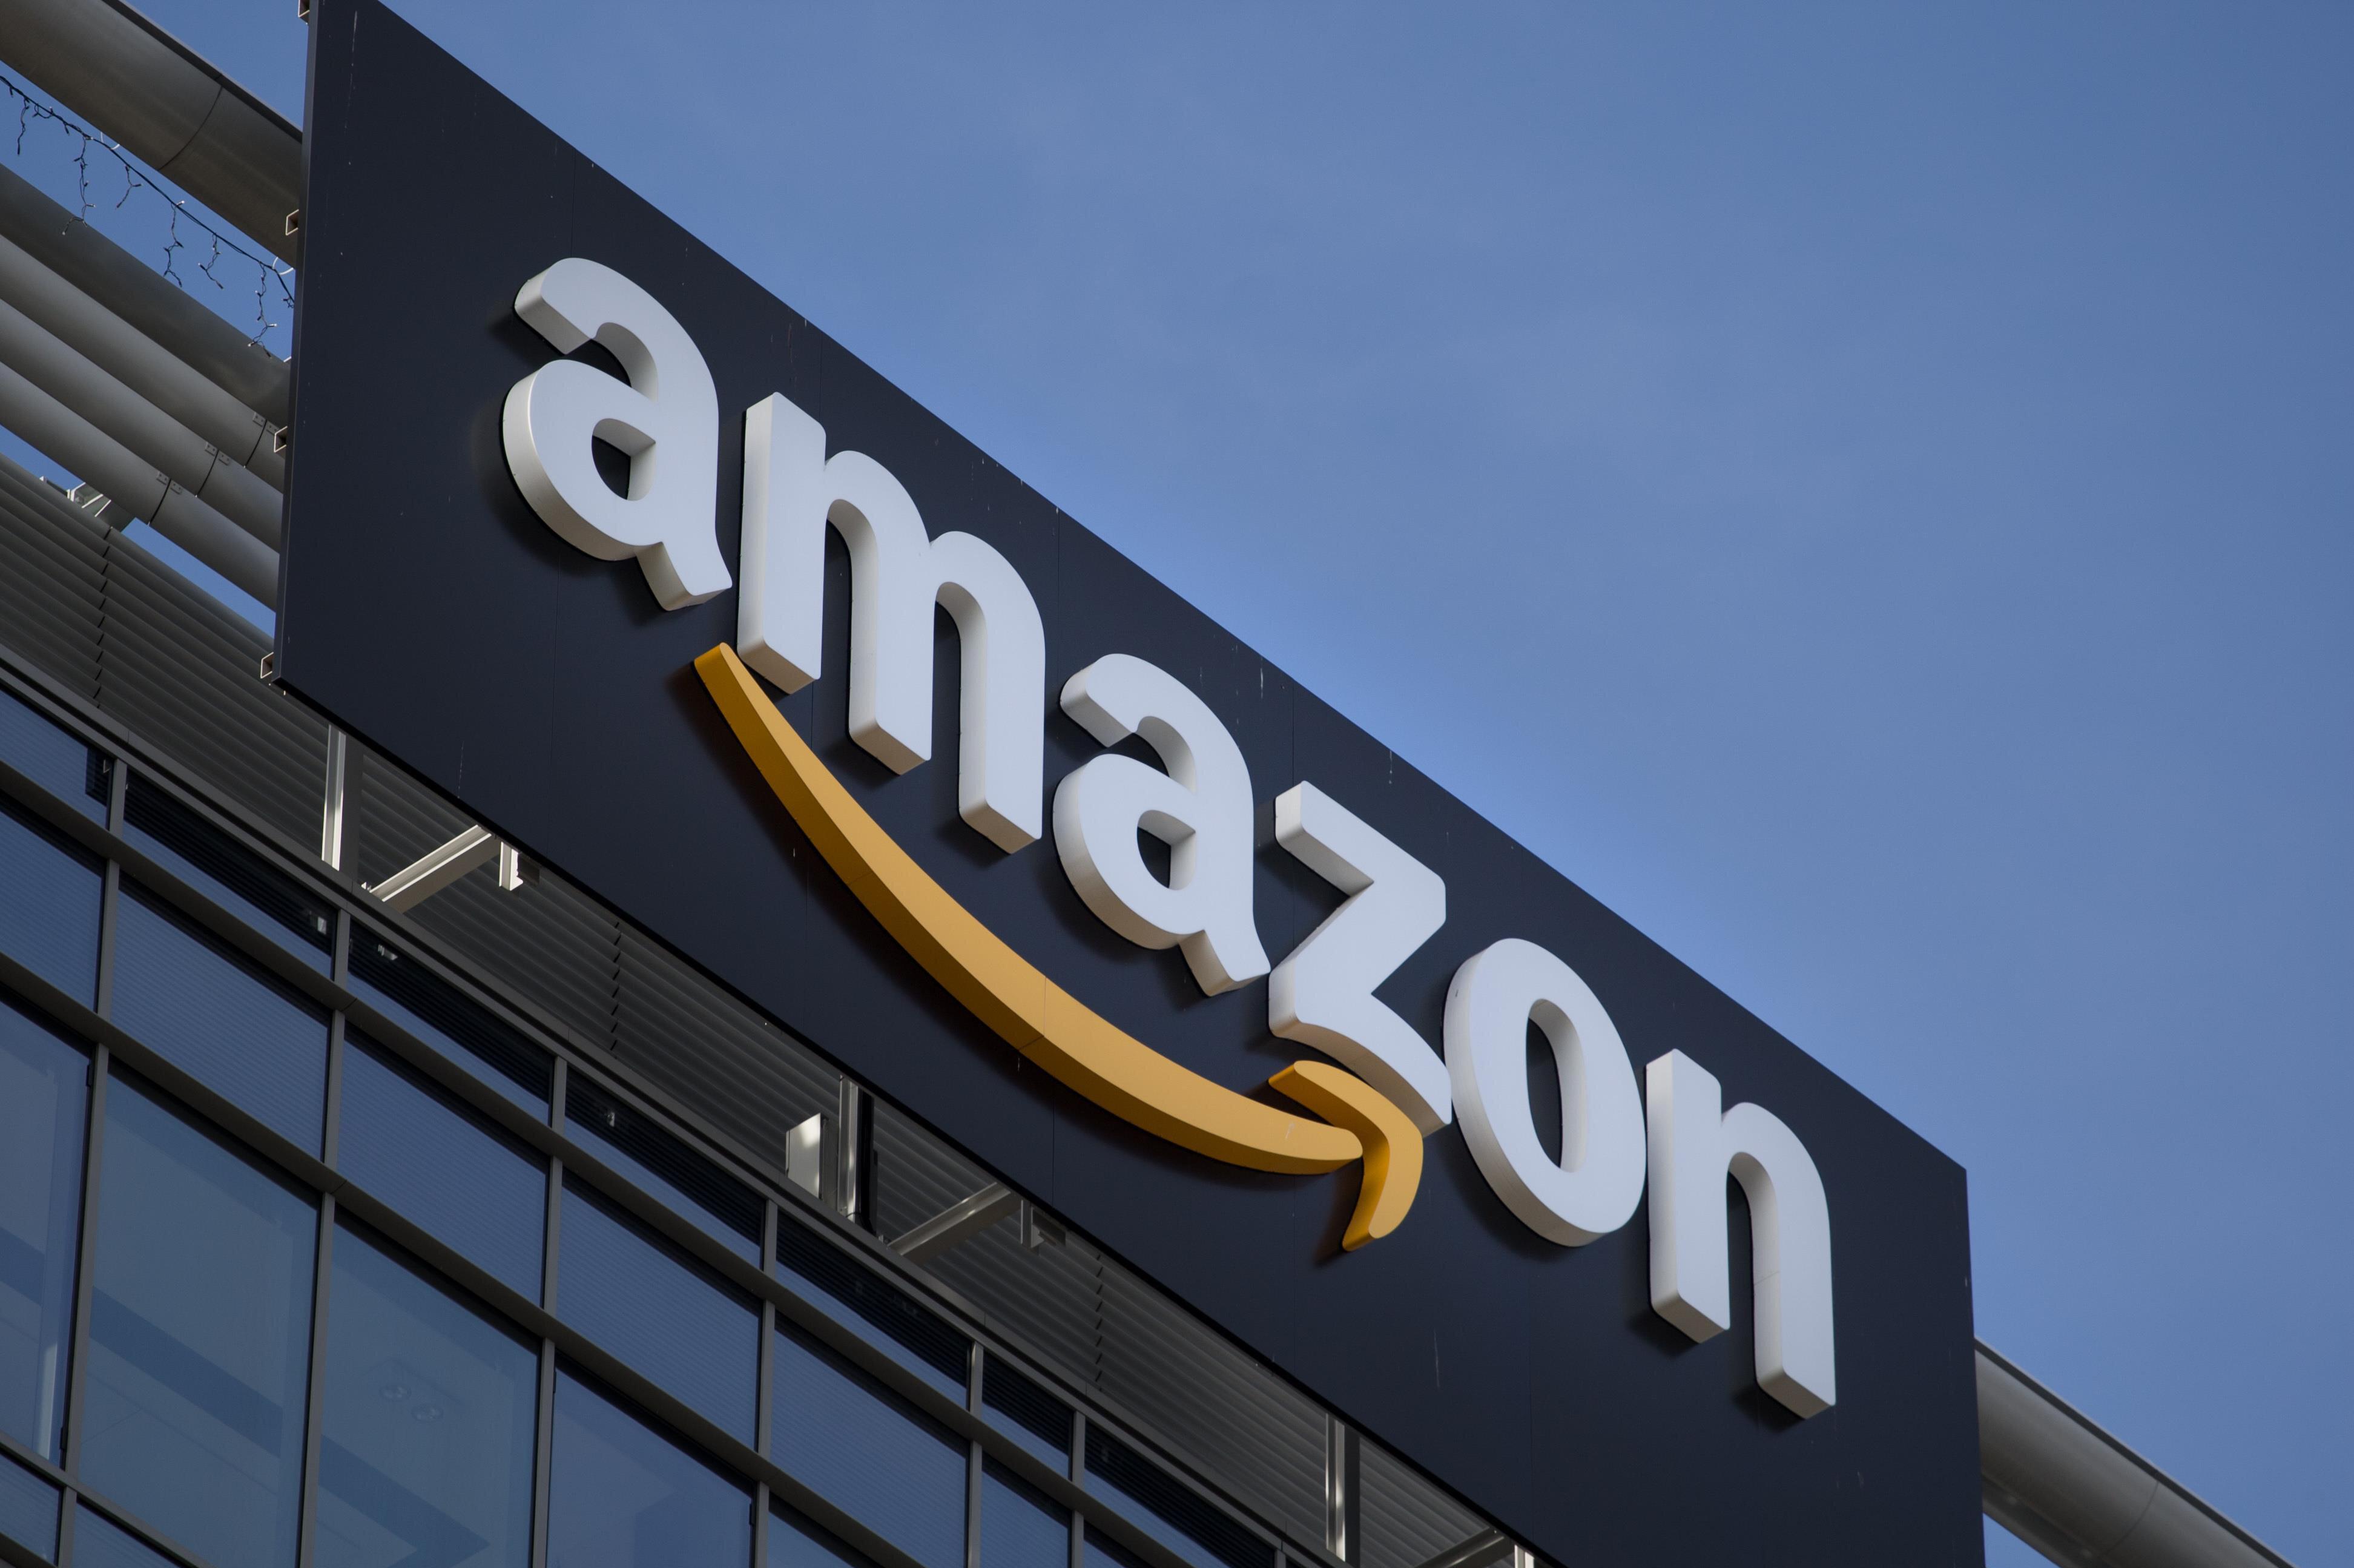 Amazon'un birçok farklı özelliği, şirketi 'yükselmek' konusunda iddialı kılıyor.